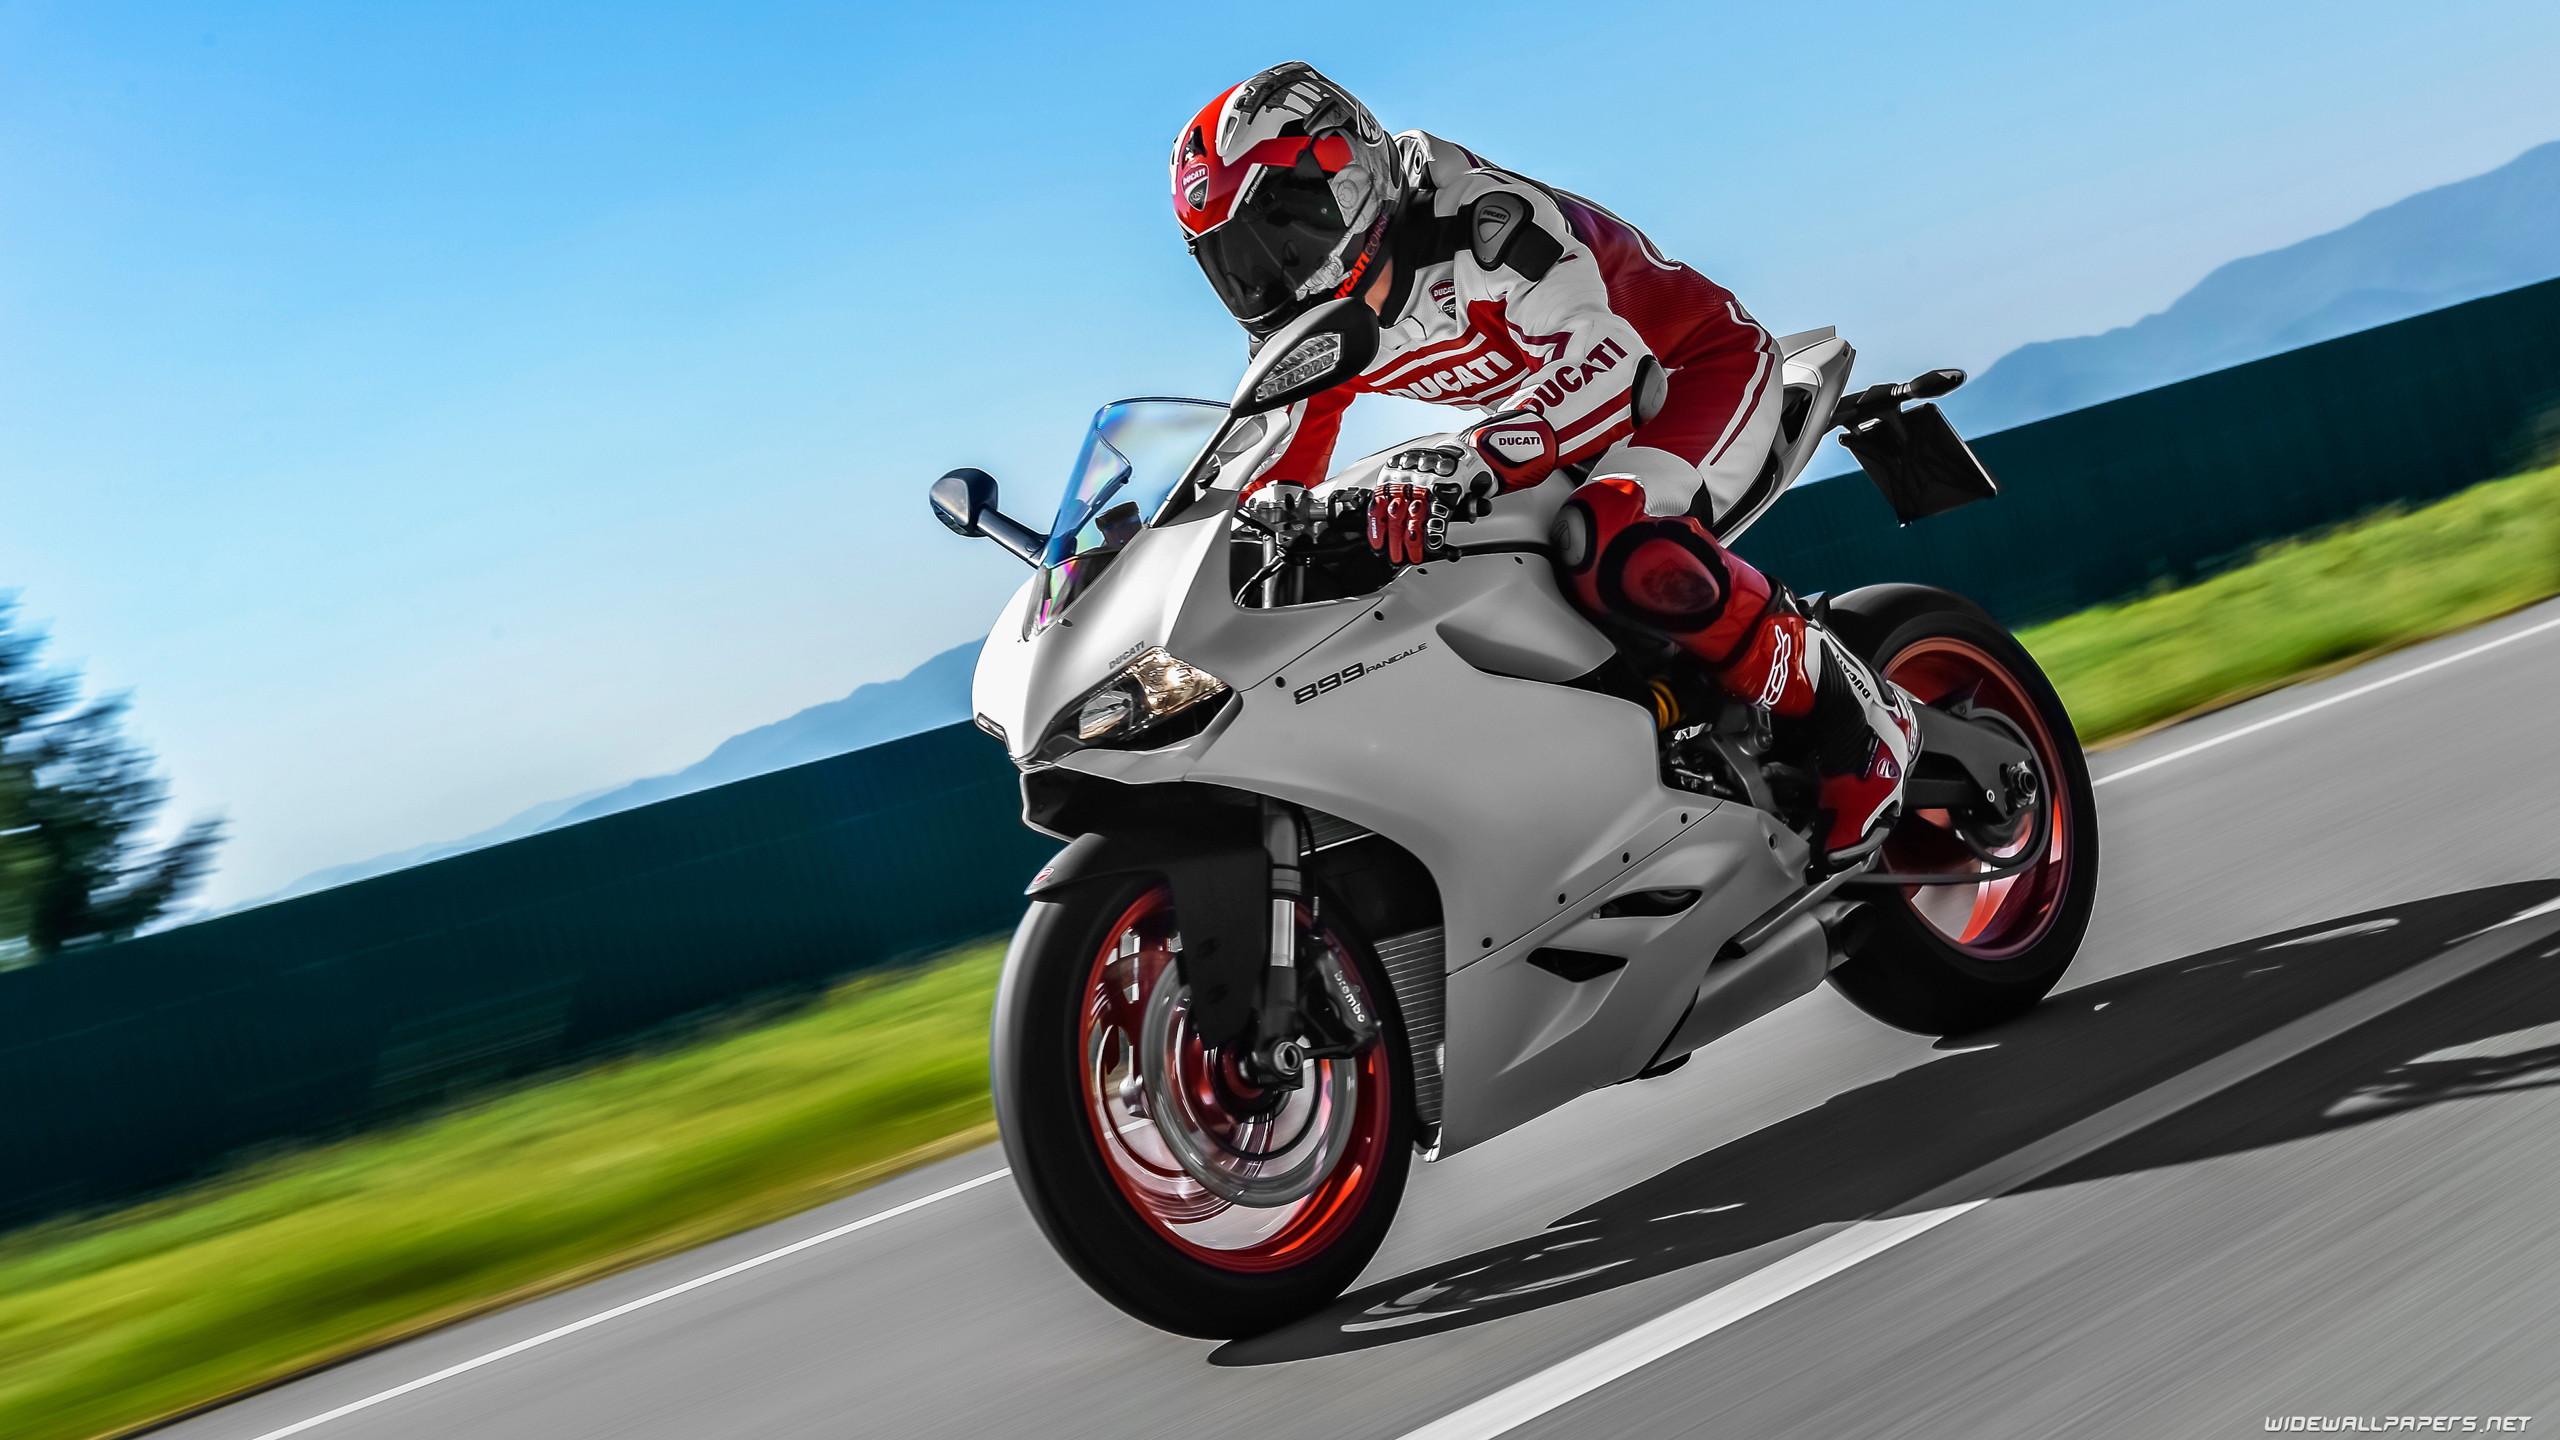 hinh nen sieu xe moto 23